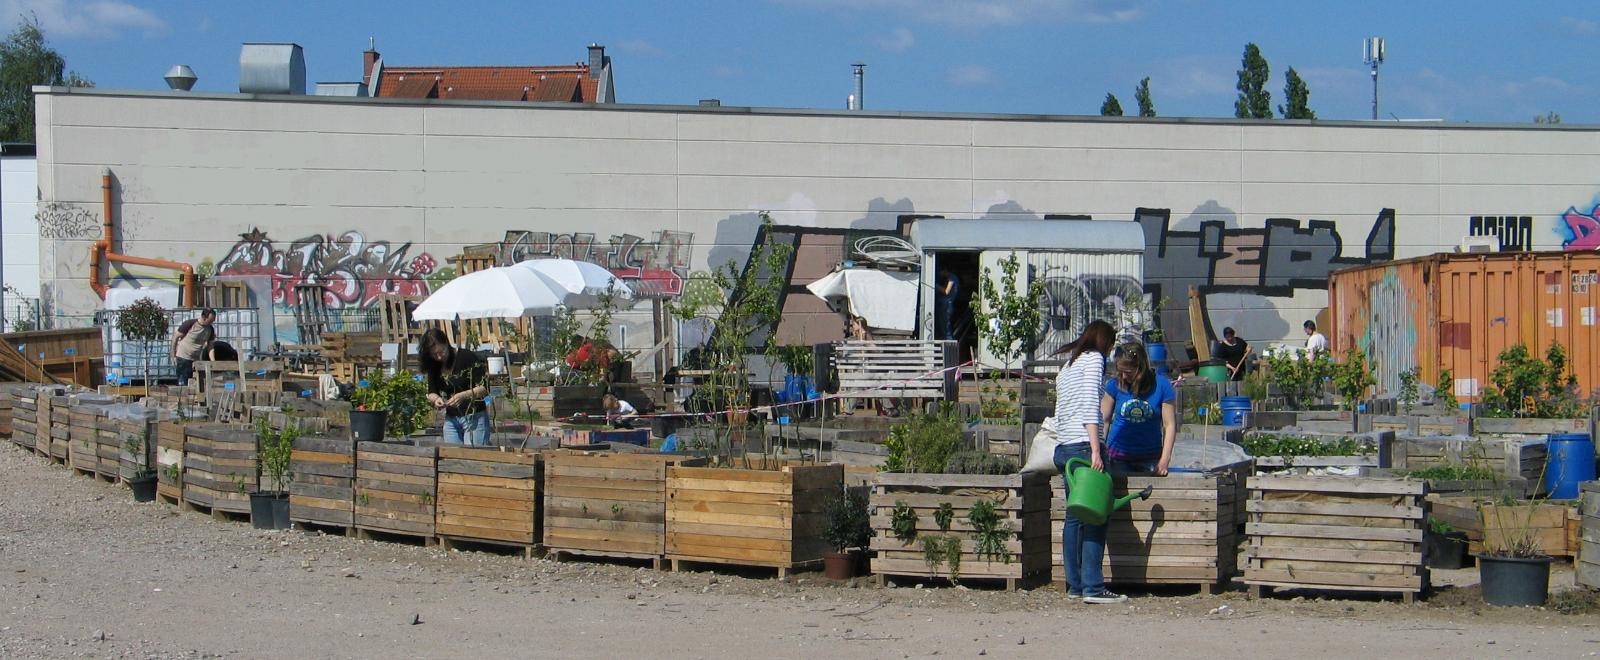 GärtnerInnen im Gemeinschaftsgarten Gartenbahnhof Ehrenfeld im April 2014 bei der Arbeit